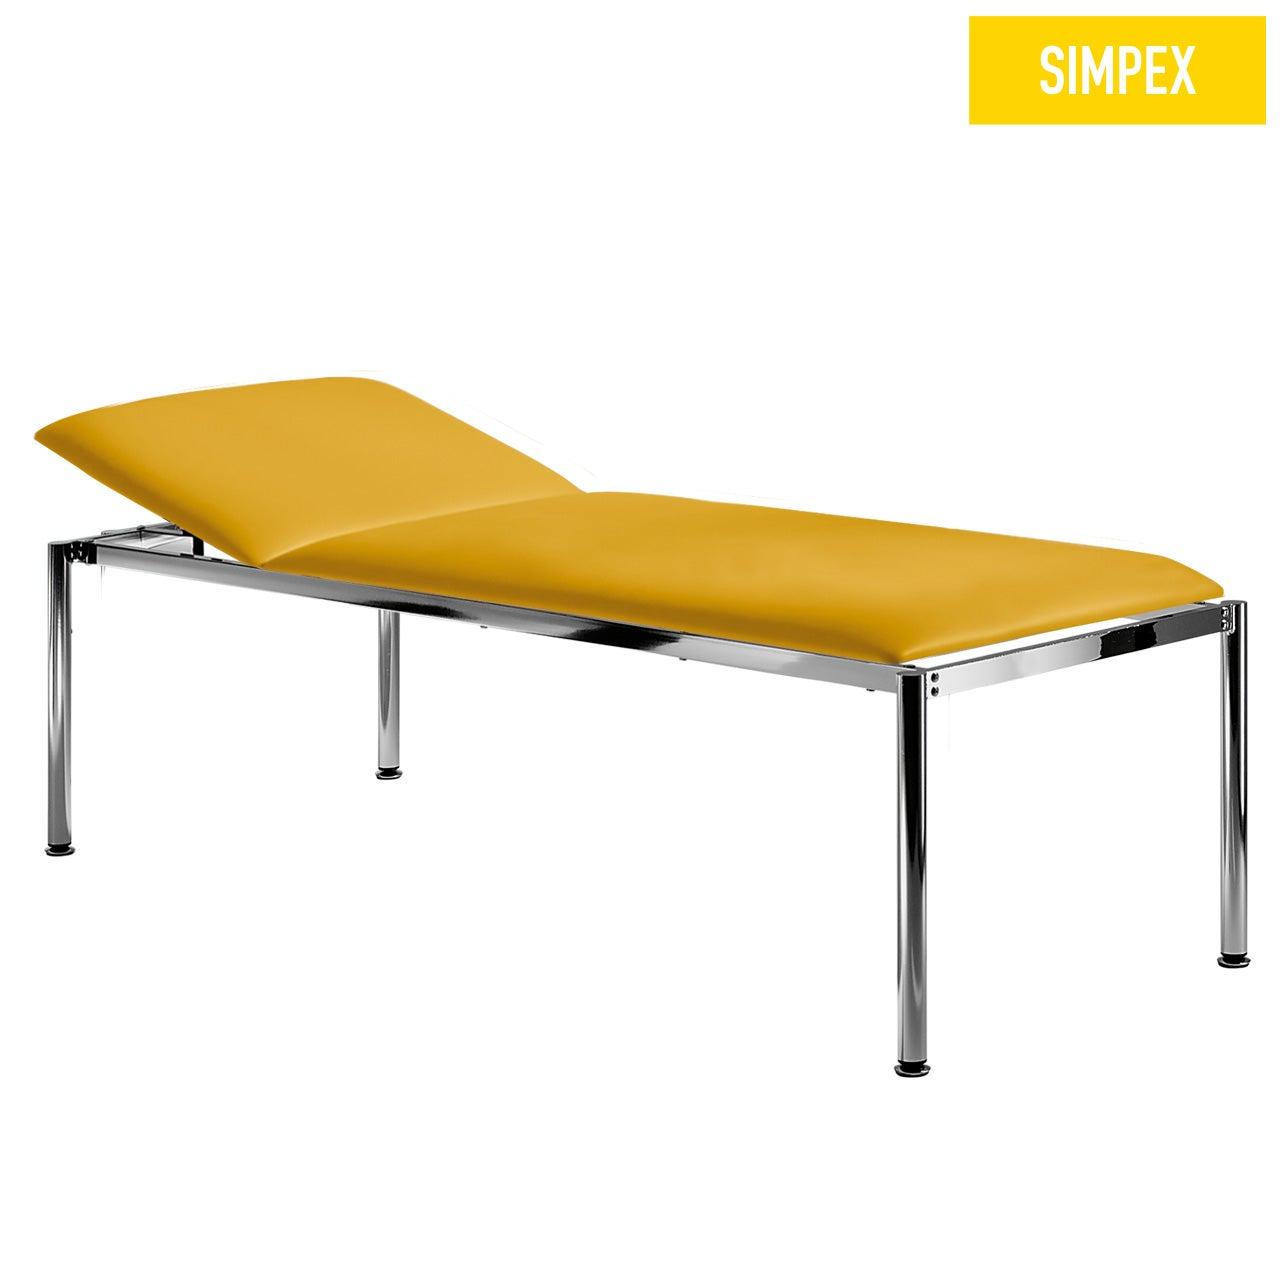 EKG-Designerliege RONDO-MED 80 Classic XL mit Kunstleder in gelb (mais) und einem Gestell aus Stahl verchromt von SIMPEX